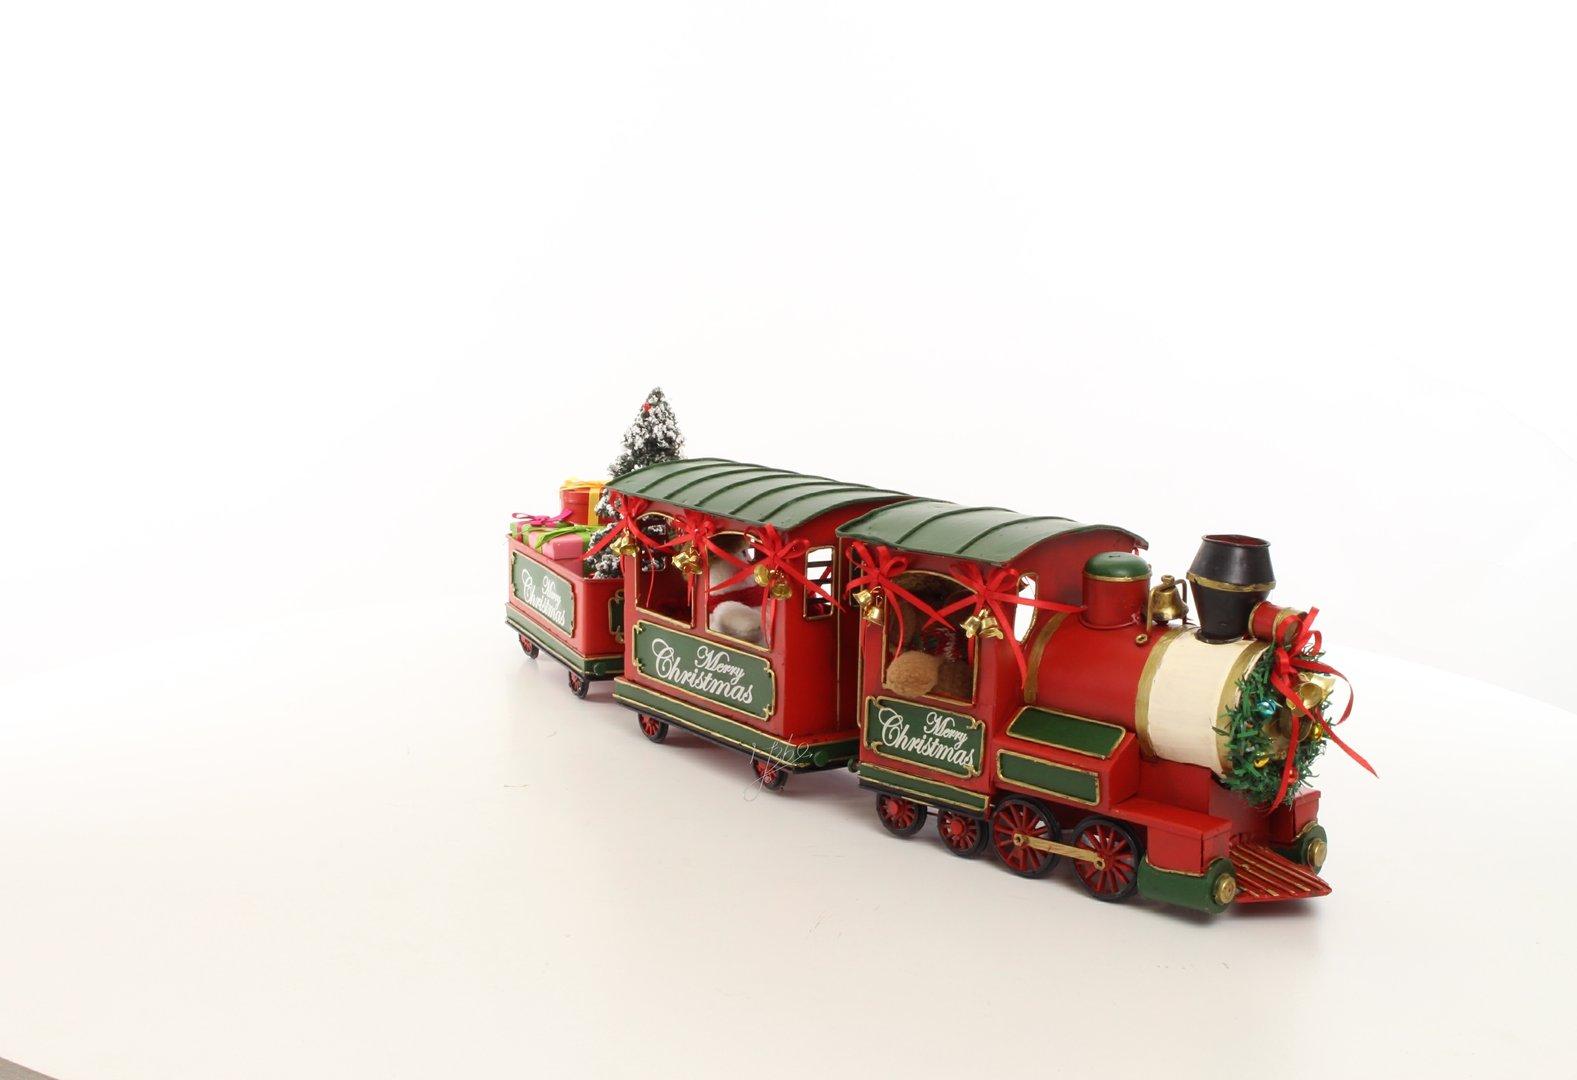 Eisenbahn Weihnachtsdeko.Eisenbahn Rot 3 Teilig Weihnachtsdeko Clever Deko